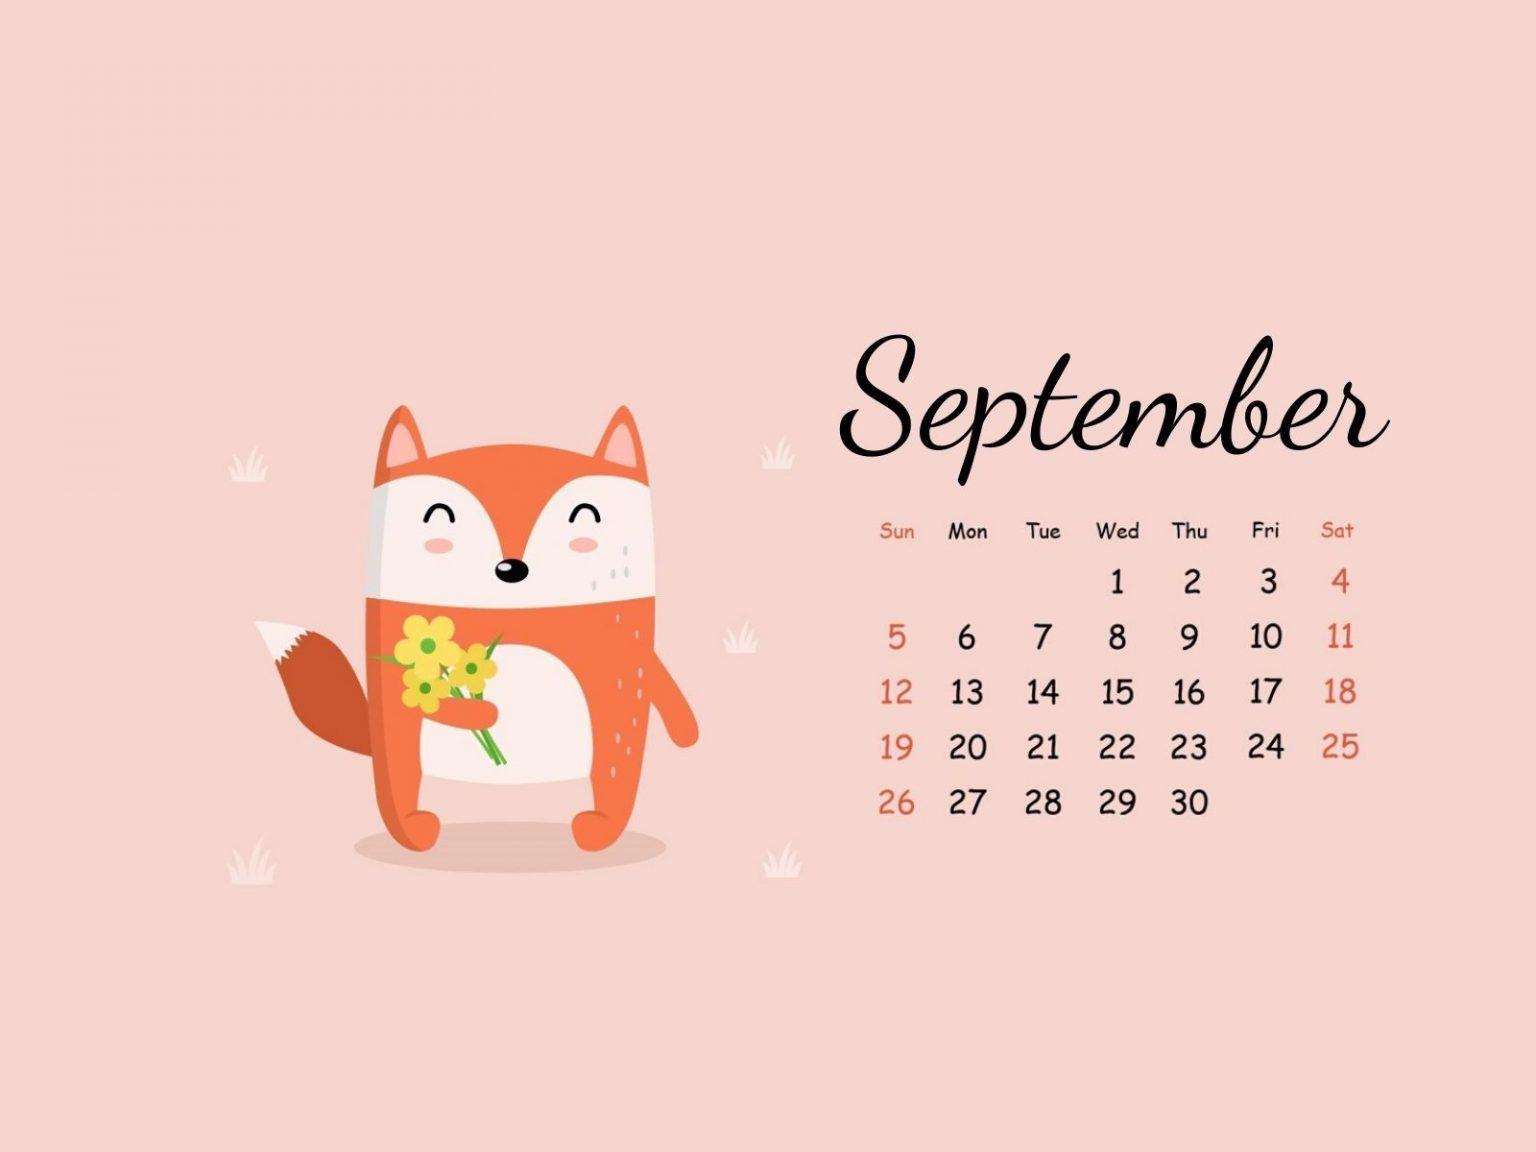 September 2021 Wallpaper Calendar Desktop Templates 1536x1152